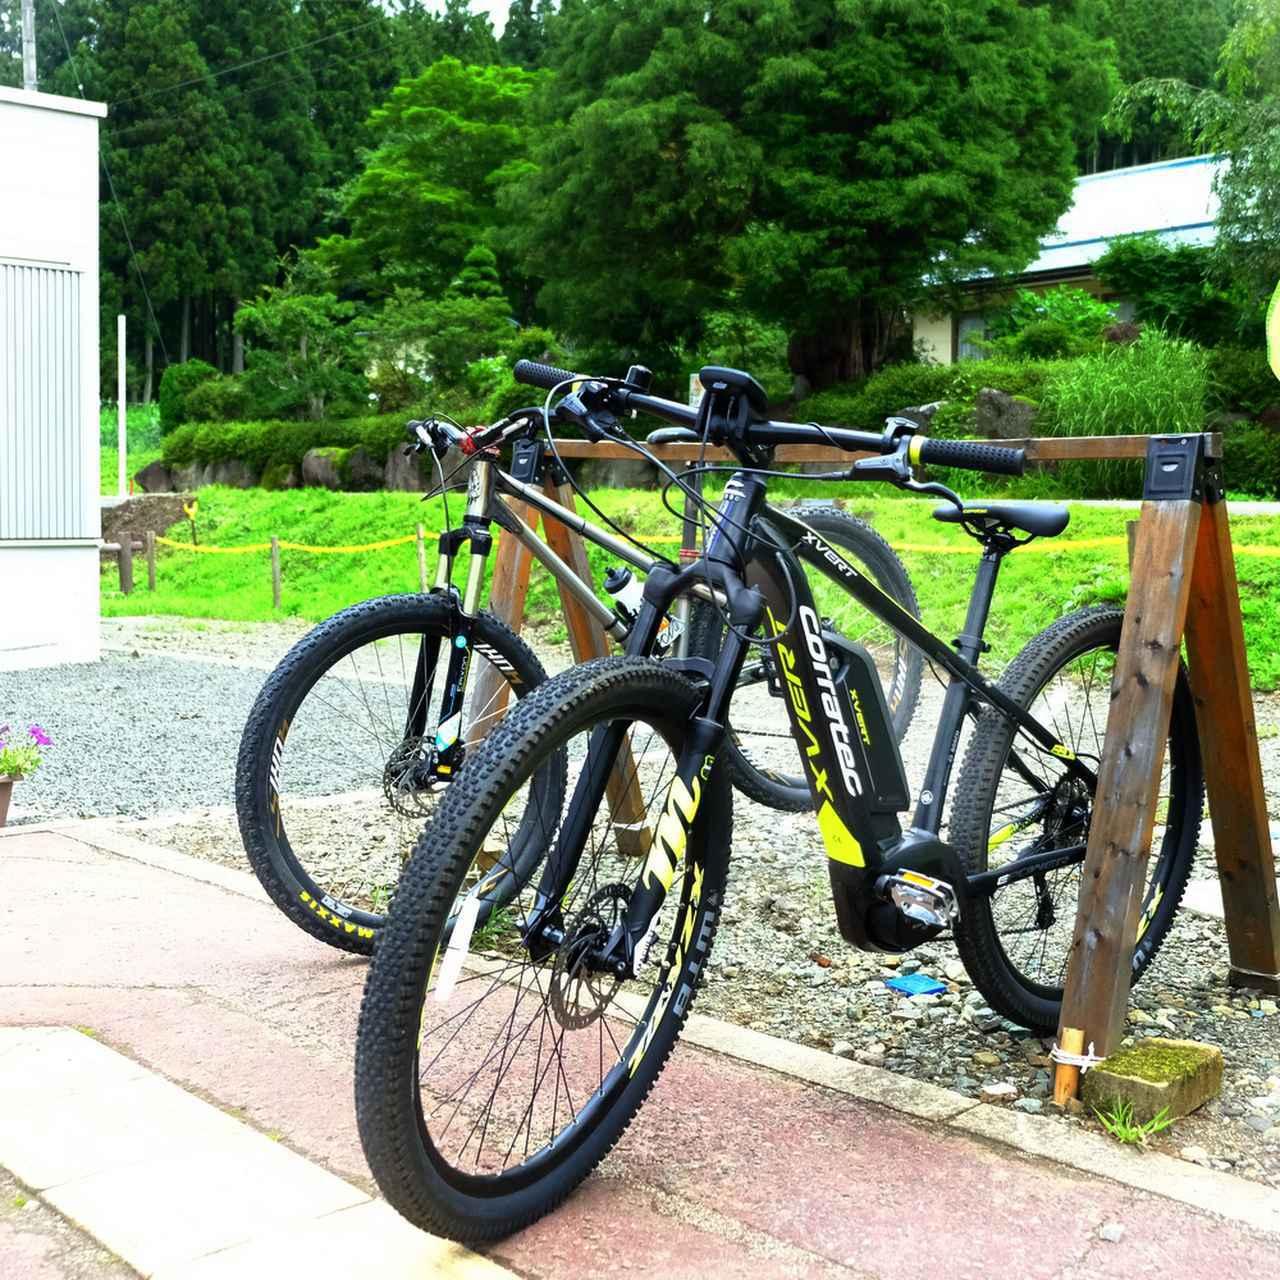 画像: 秋保エリアでeBike(電動アシスト付きマウンテンバイク)を使ったサイクルツアーに参加します。